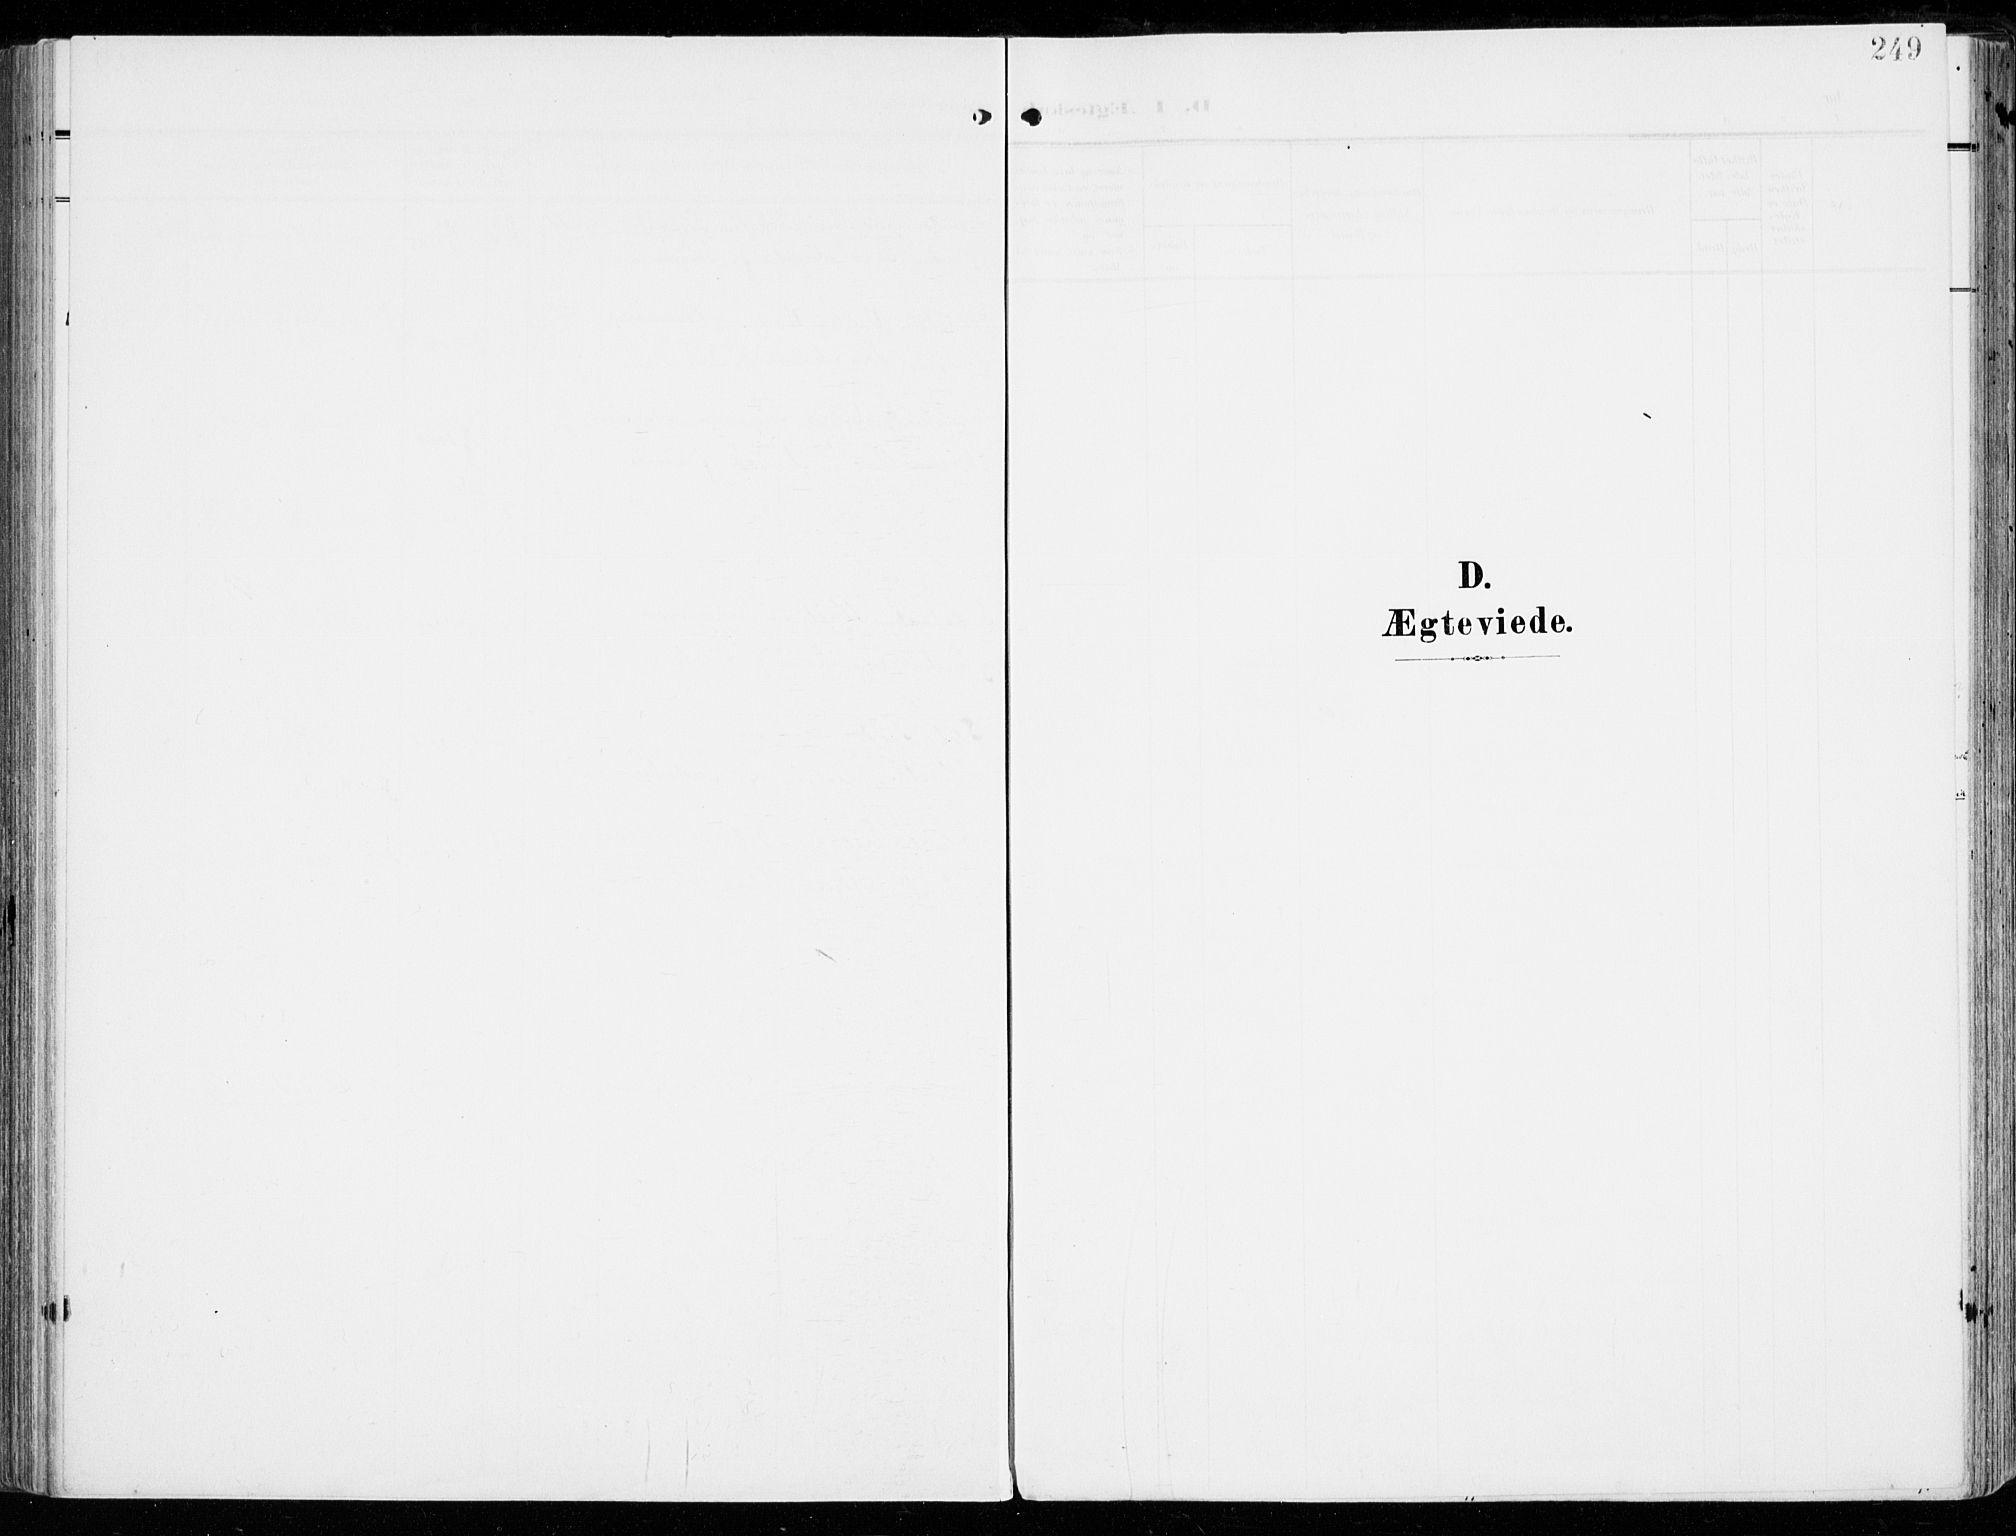 SAKO, Tjølling kirkebøker, F/Fa/L0010: Ministerialbok nr. 10, 1906-1923, s. 249